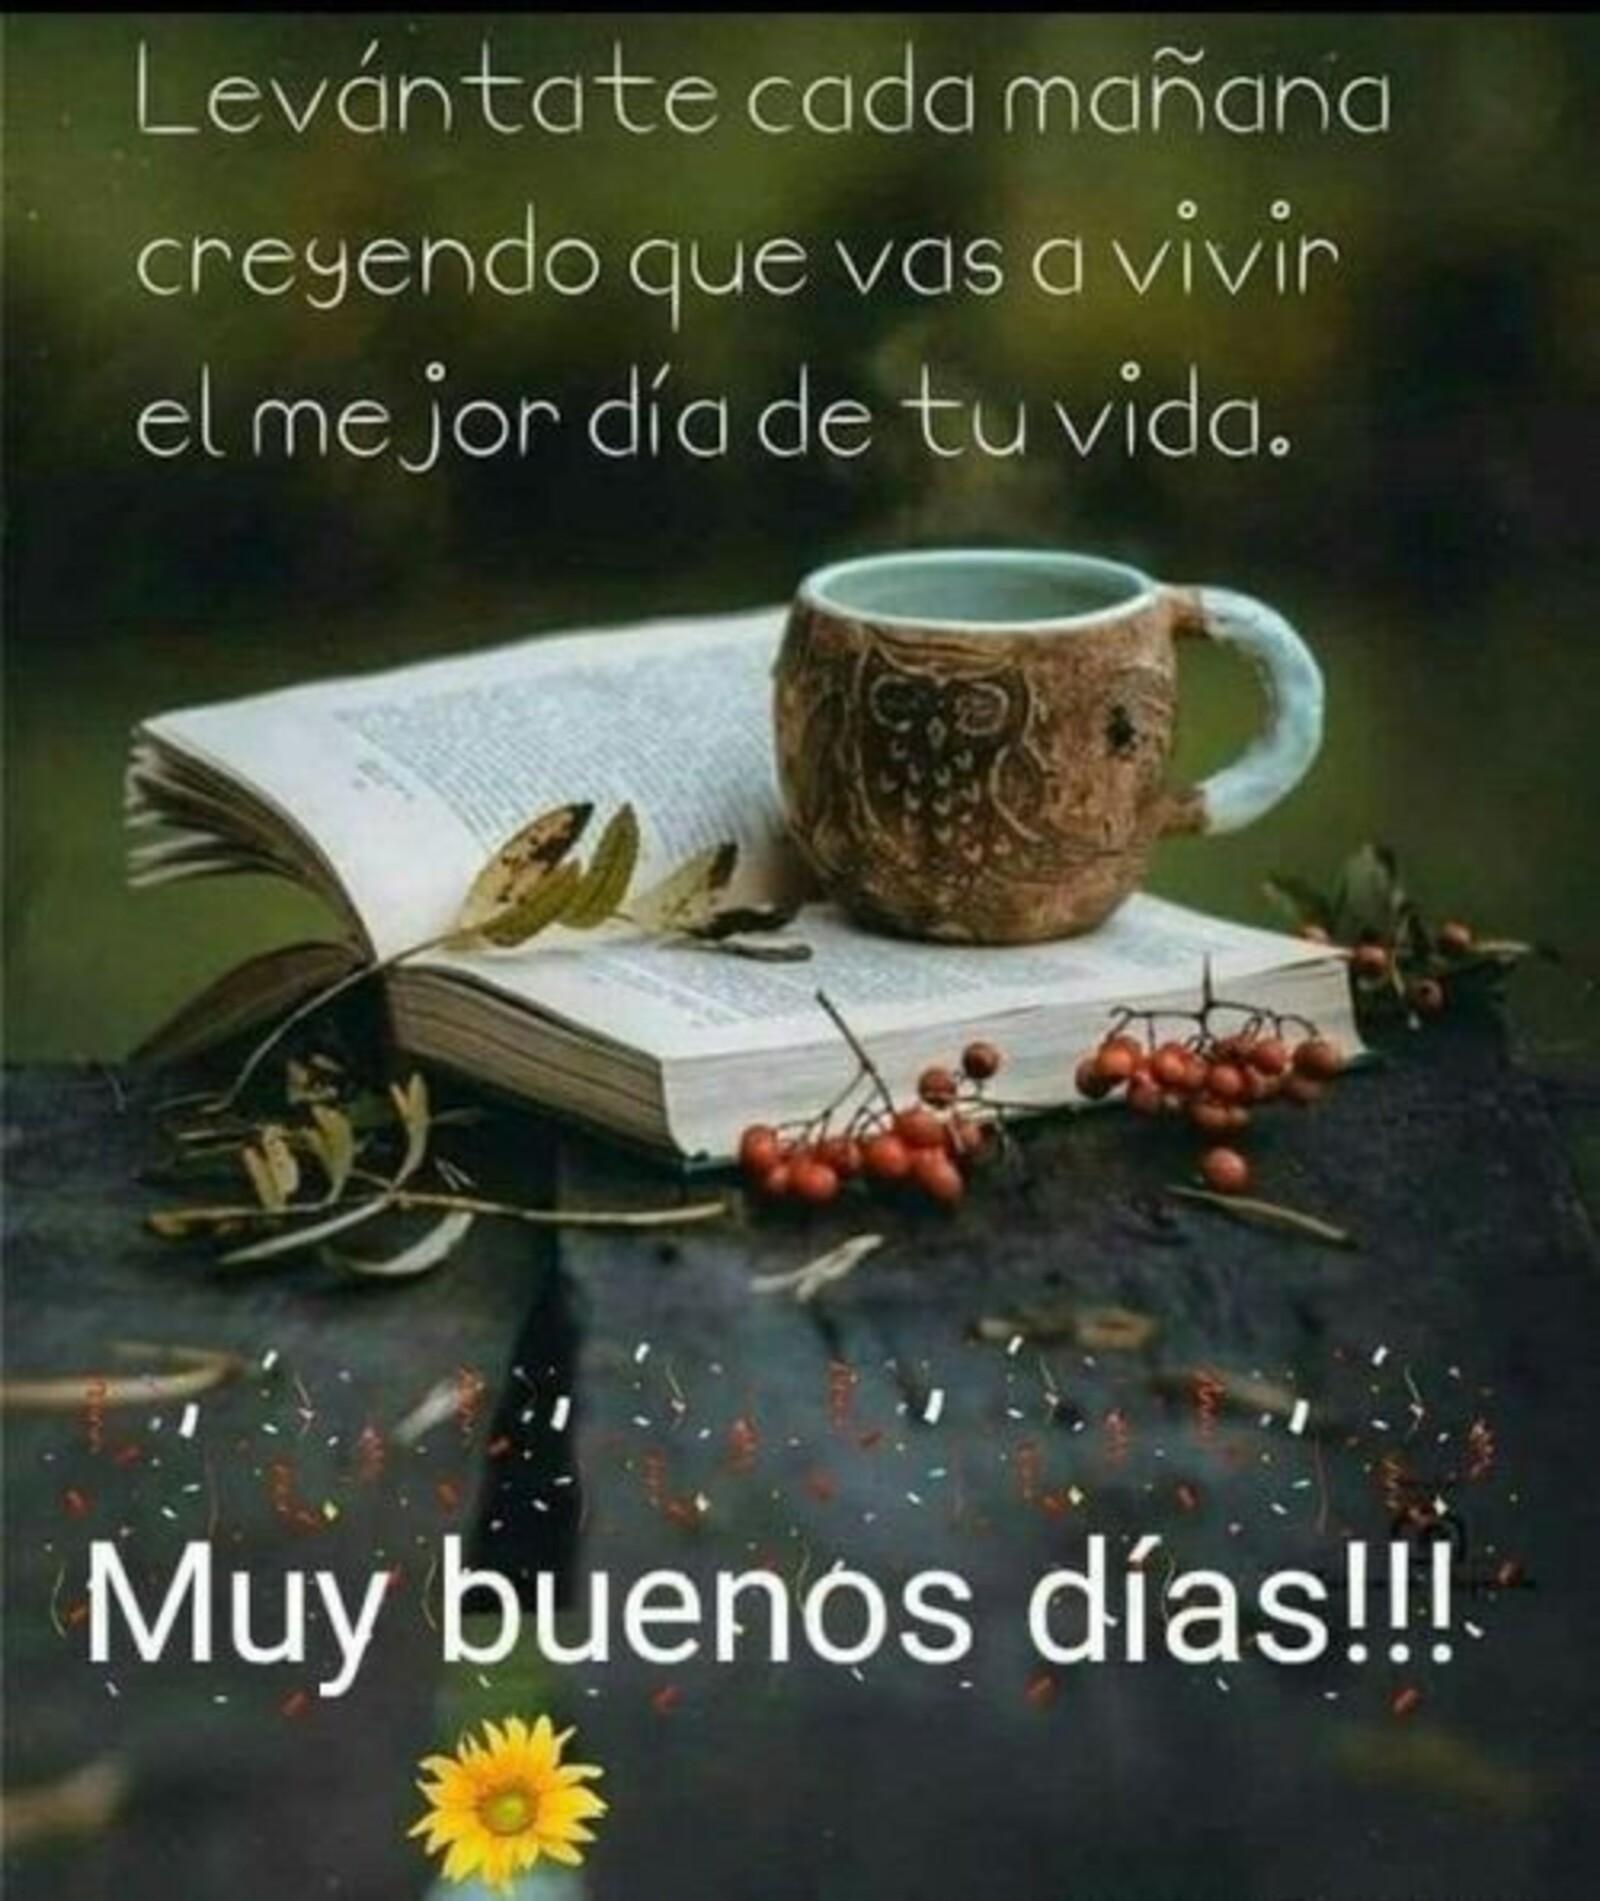 Levantate cada mañana creyendo que vas a vivir el mejor dia de tu vida. Muy buenos dias!!